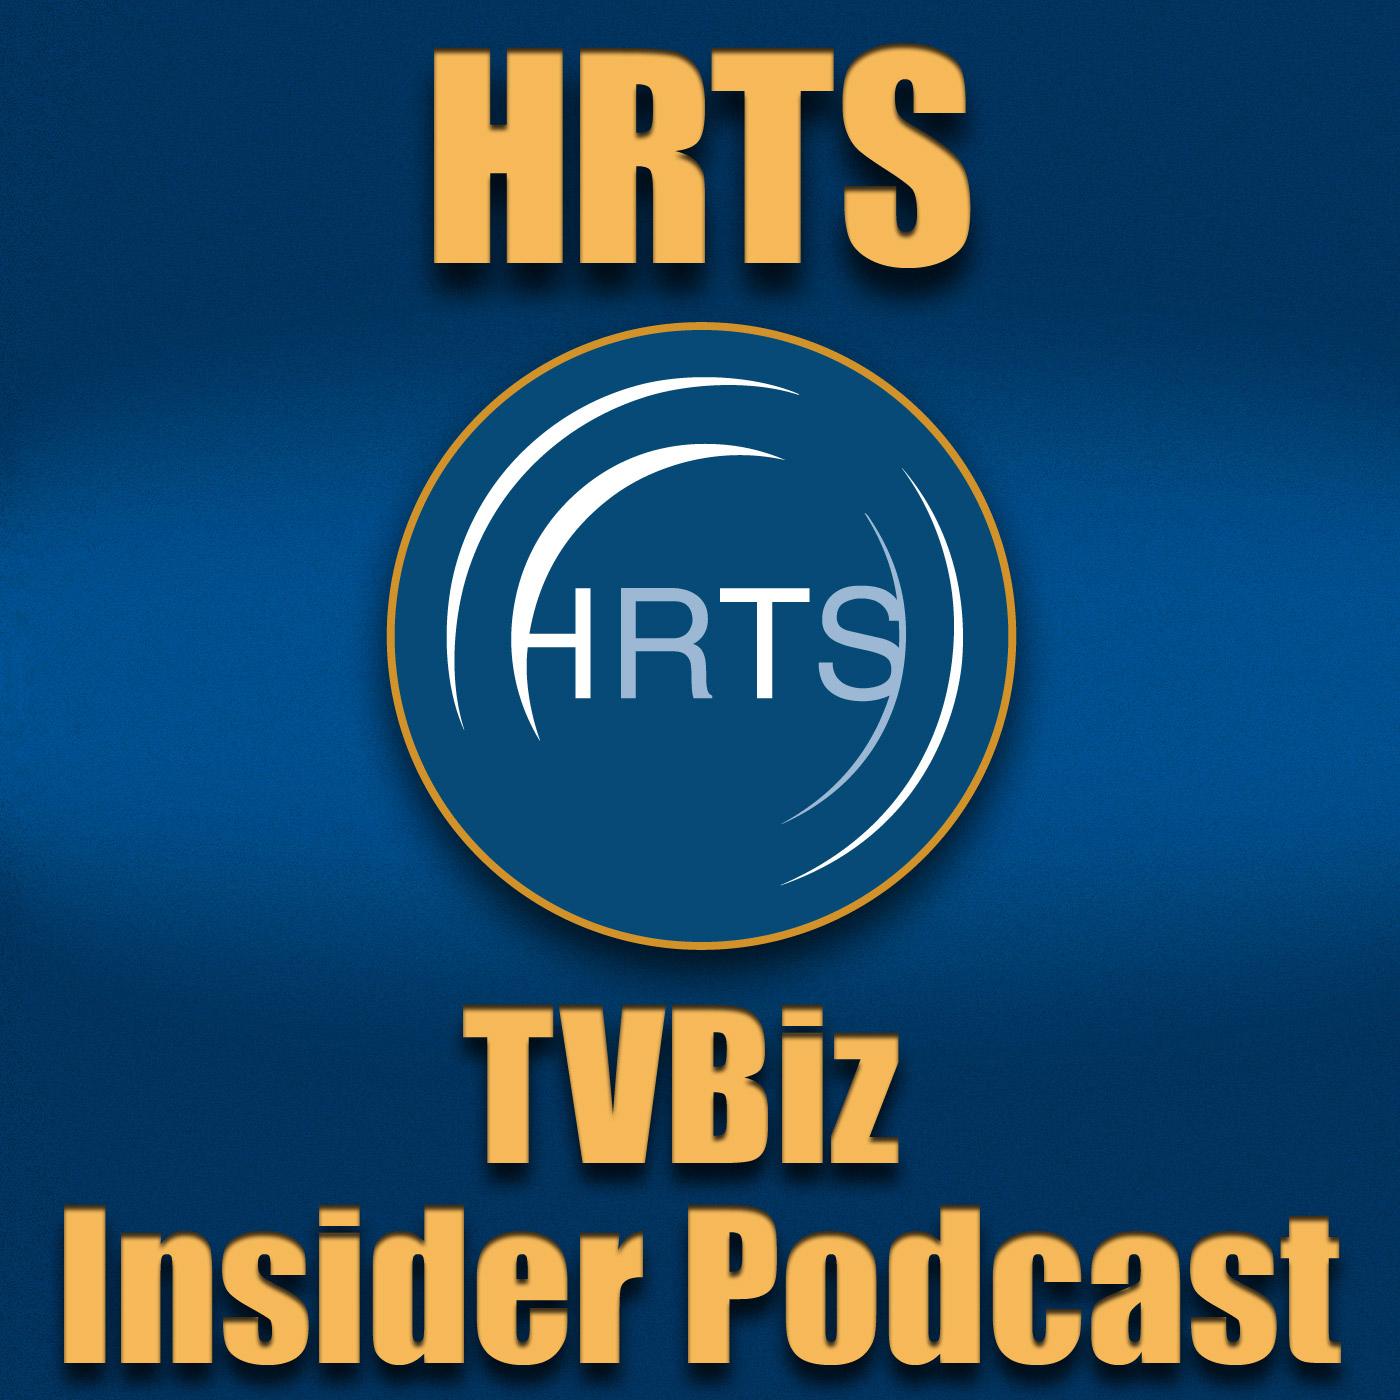 HRTS TVBiz Insider Podcast